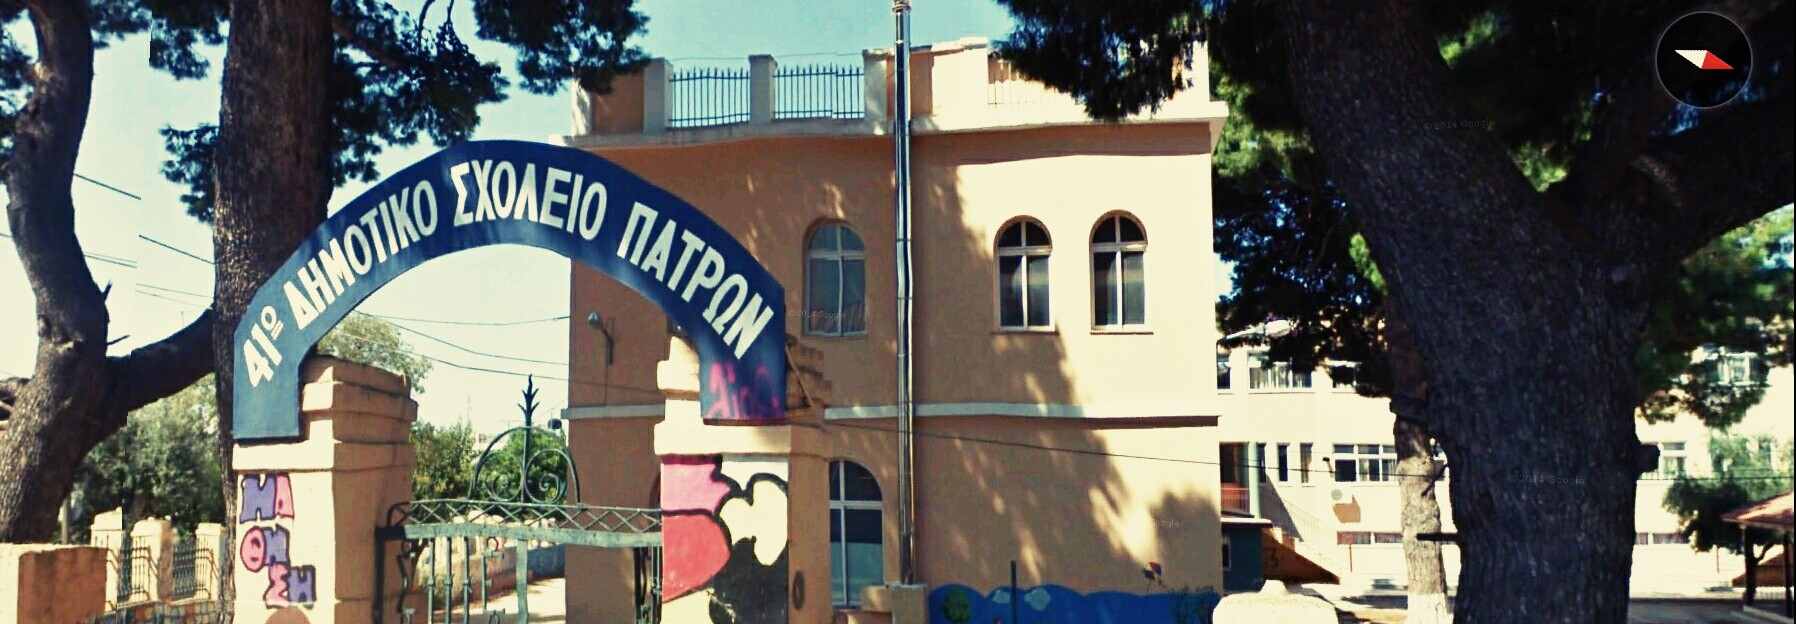 41ο Δημοτικό Σχολείο Πατρών